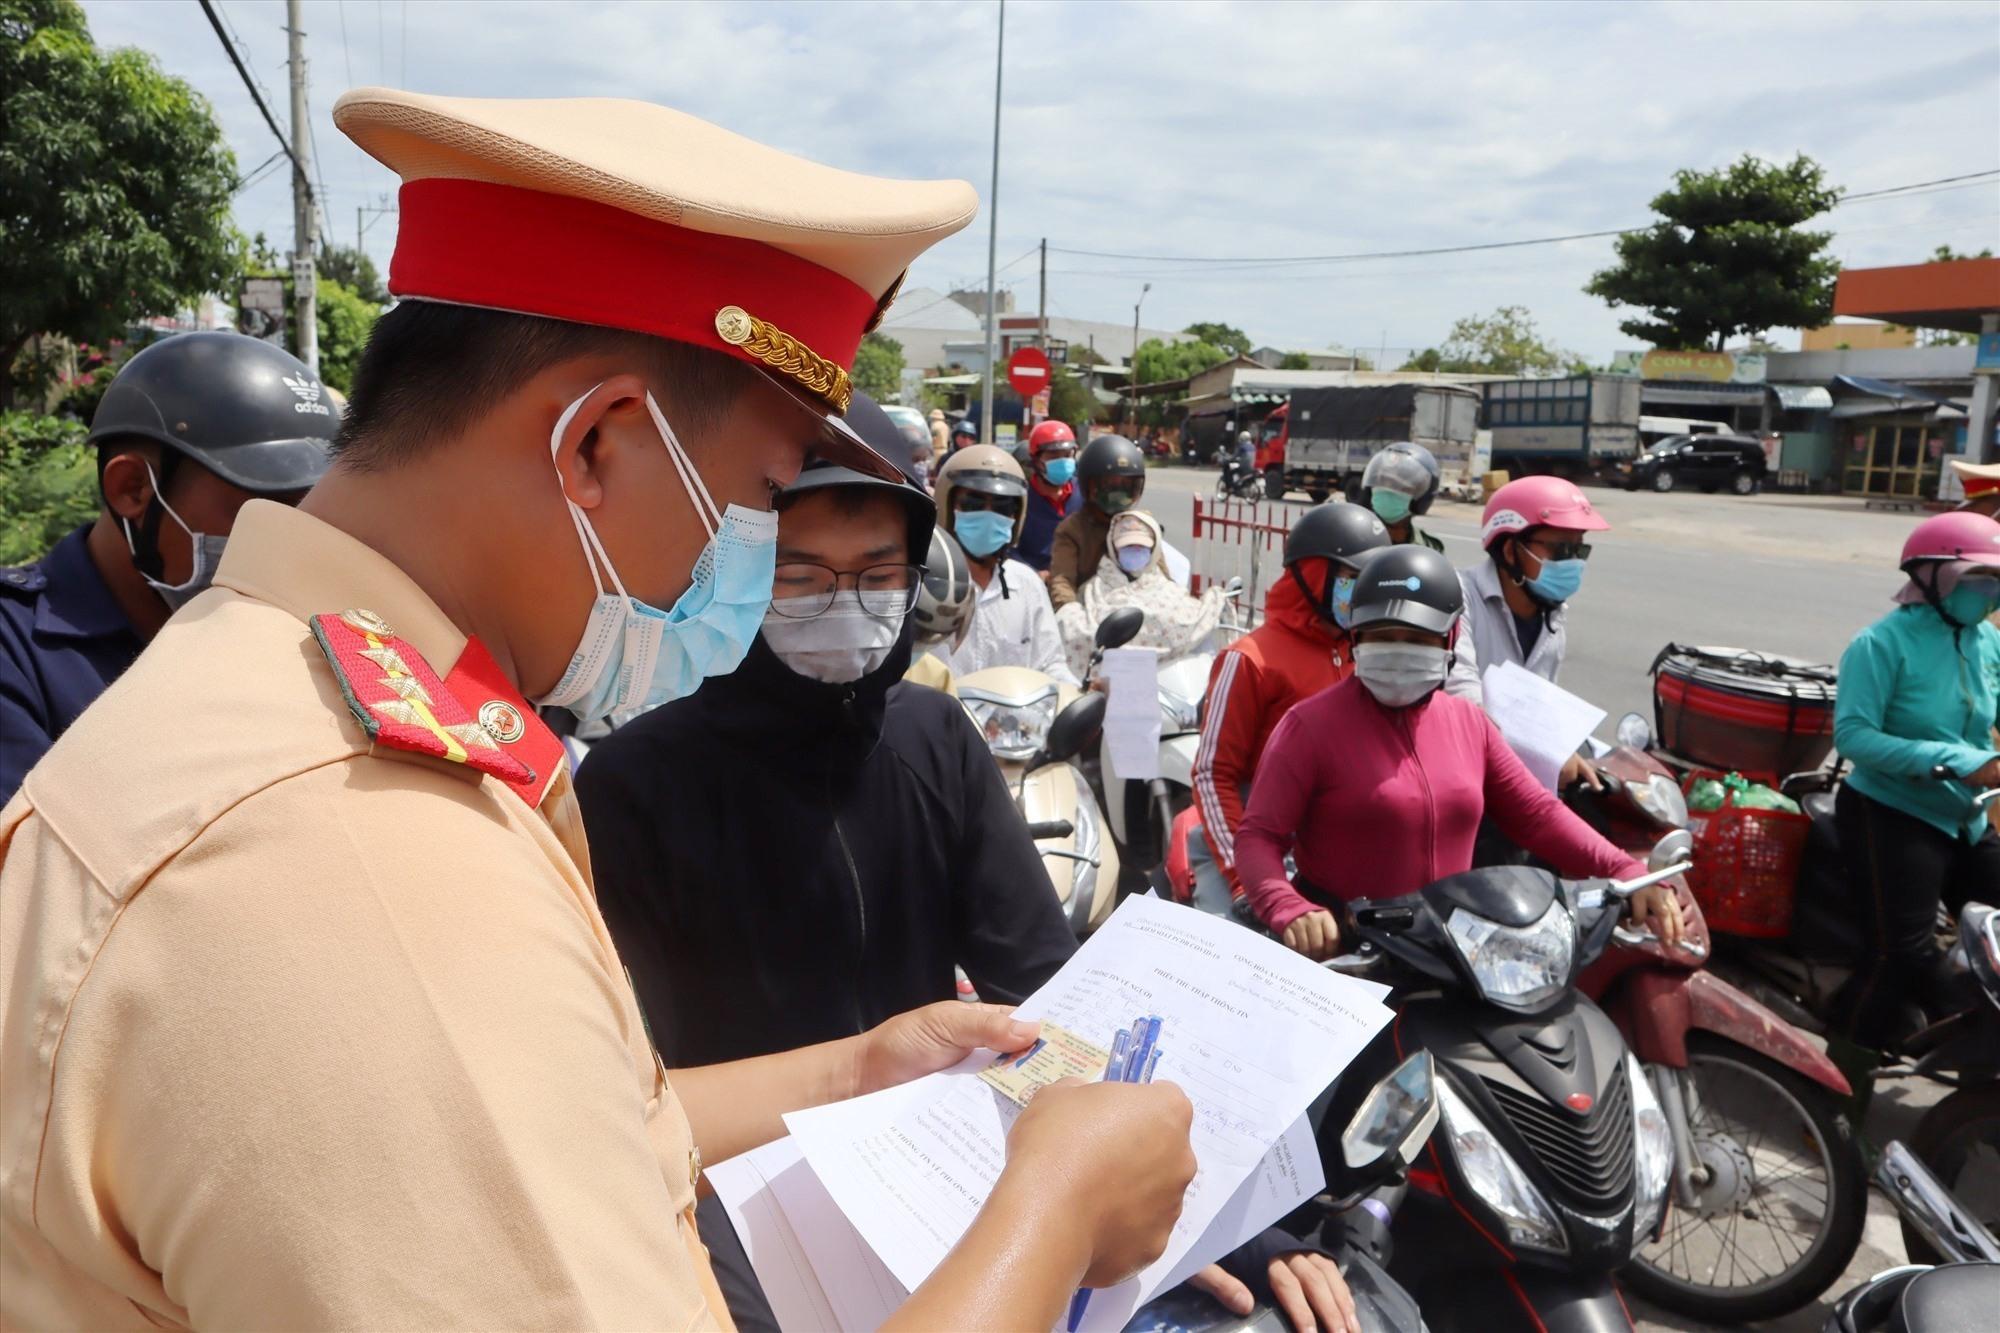 đông đảo người dân Quảng Nam khẩn trương rời Đà Nẵng về quê.